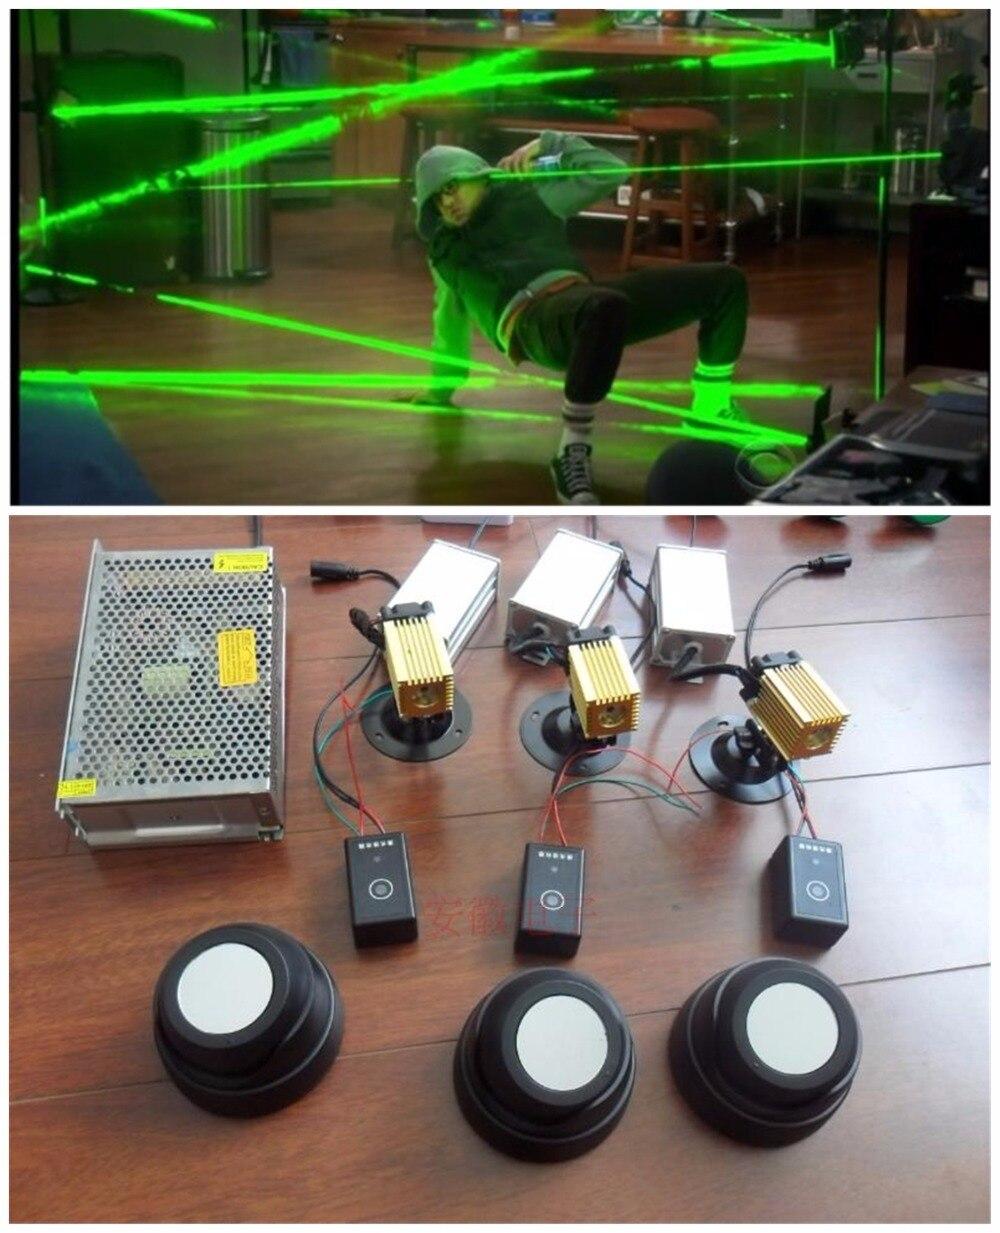 Hotsale conception magique penetralium évasion accessoires Réel salle de vie vert laser tableau chambre de évasion secret jeu kit